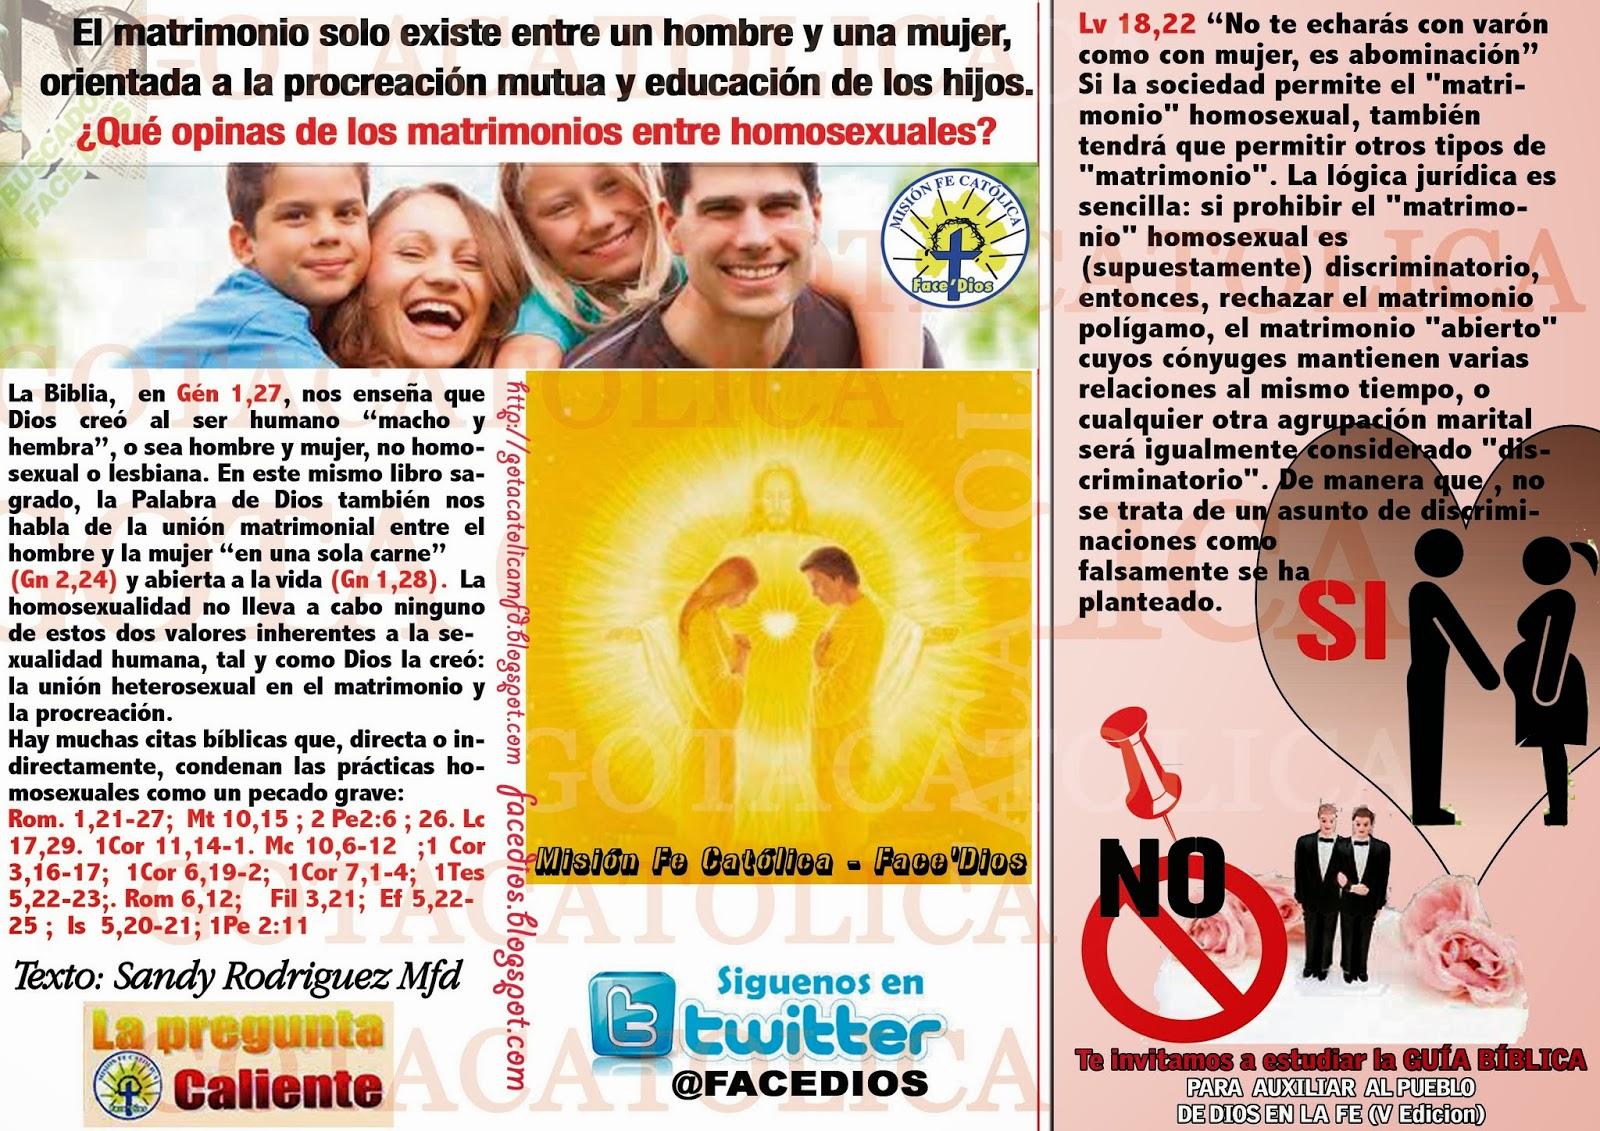 Matrimonio En La Biblia Catolica : Gota católica gotas de dios el matrimonio solo existe